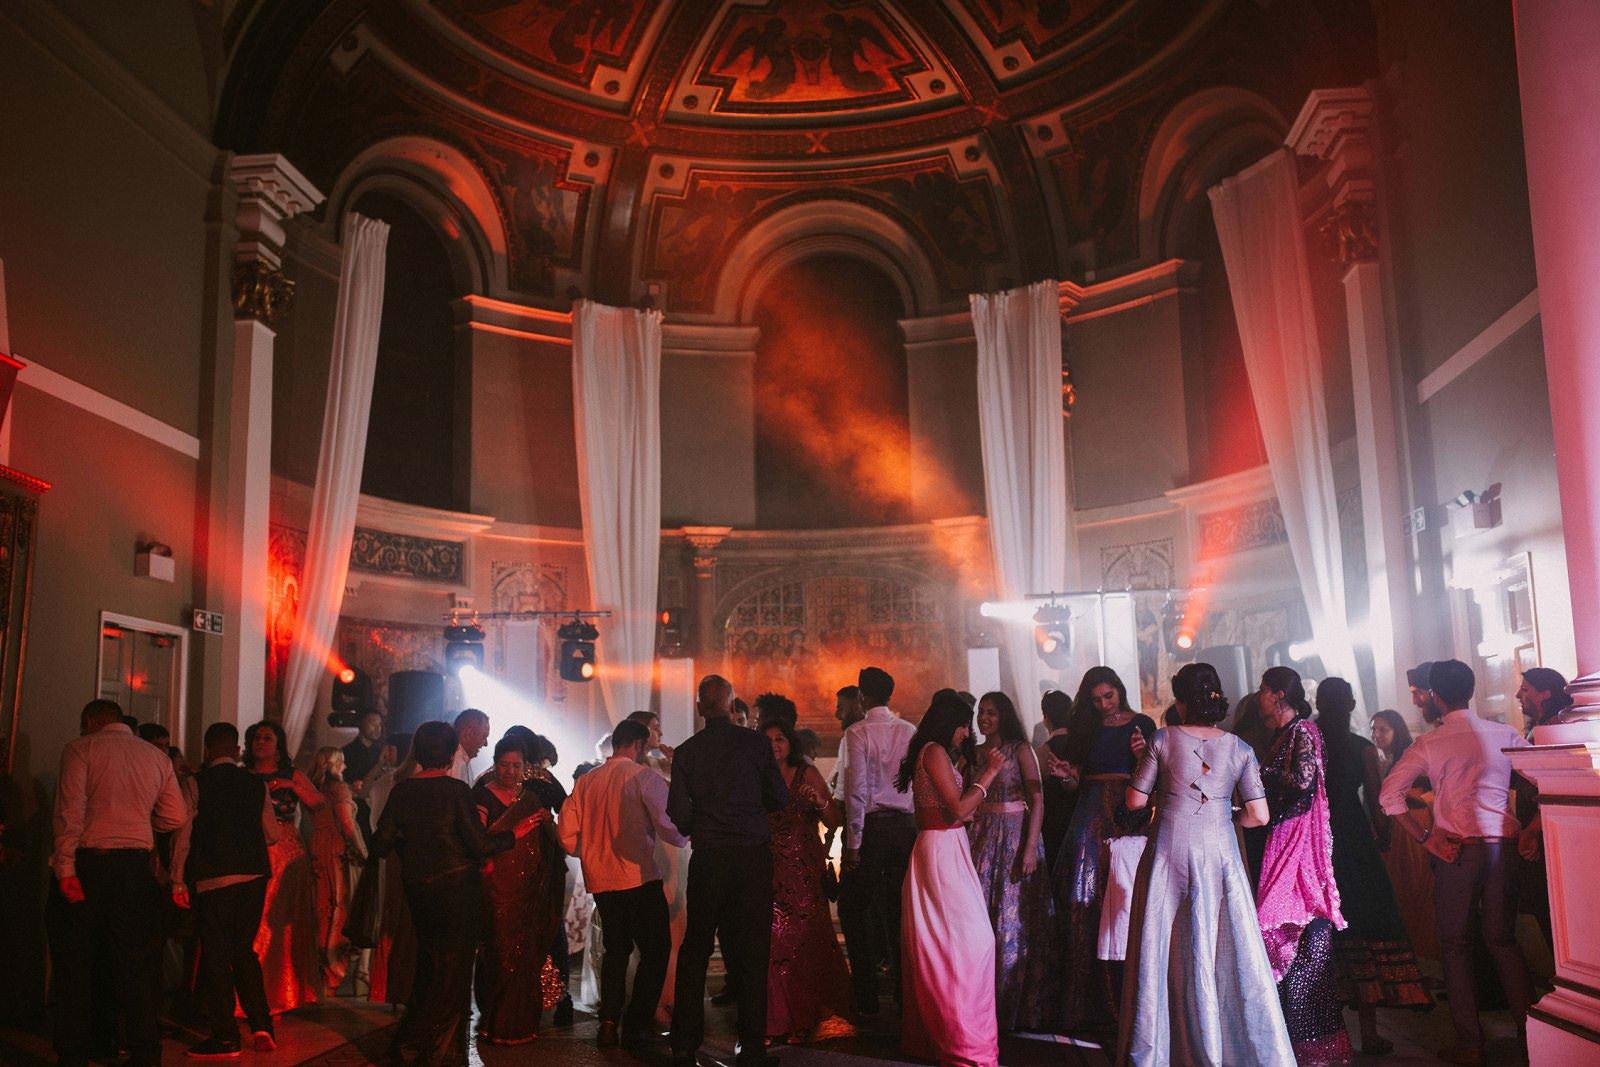 017-one-marylebone-wedding-london-photography